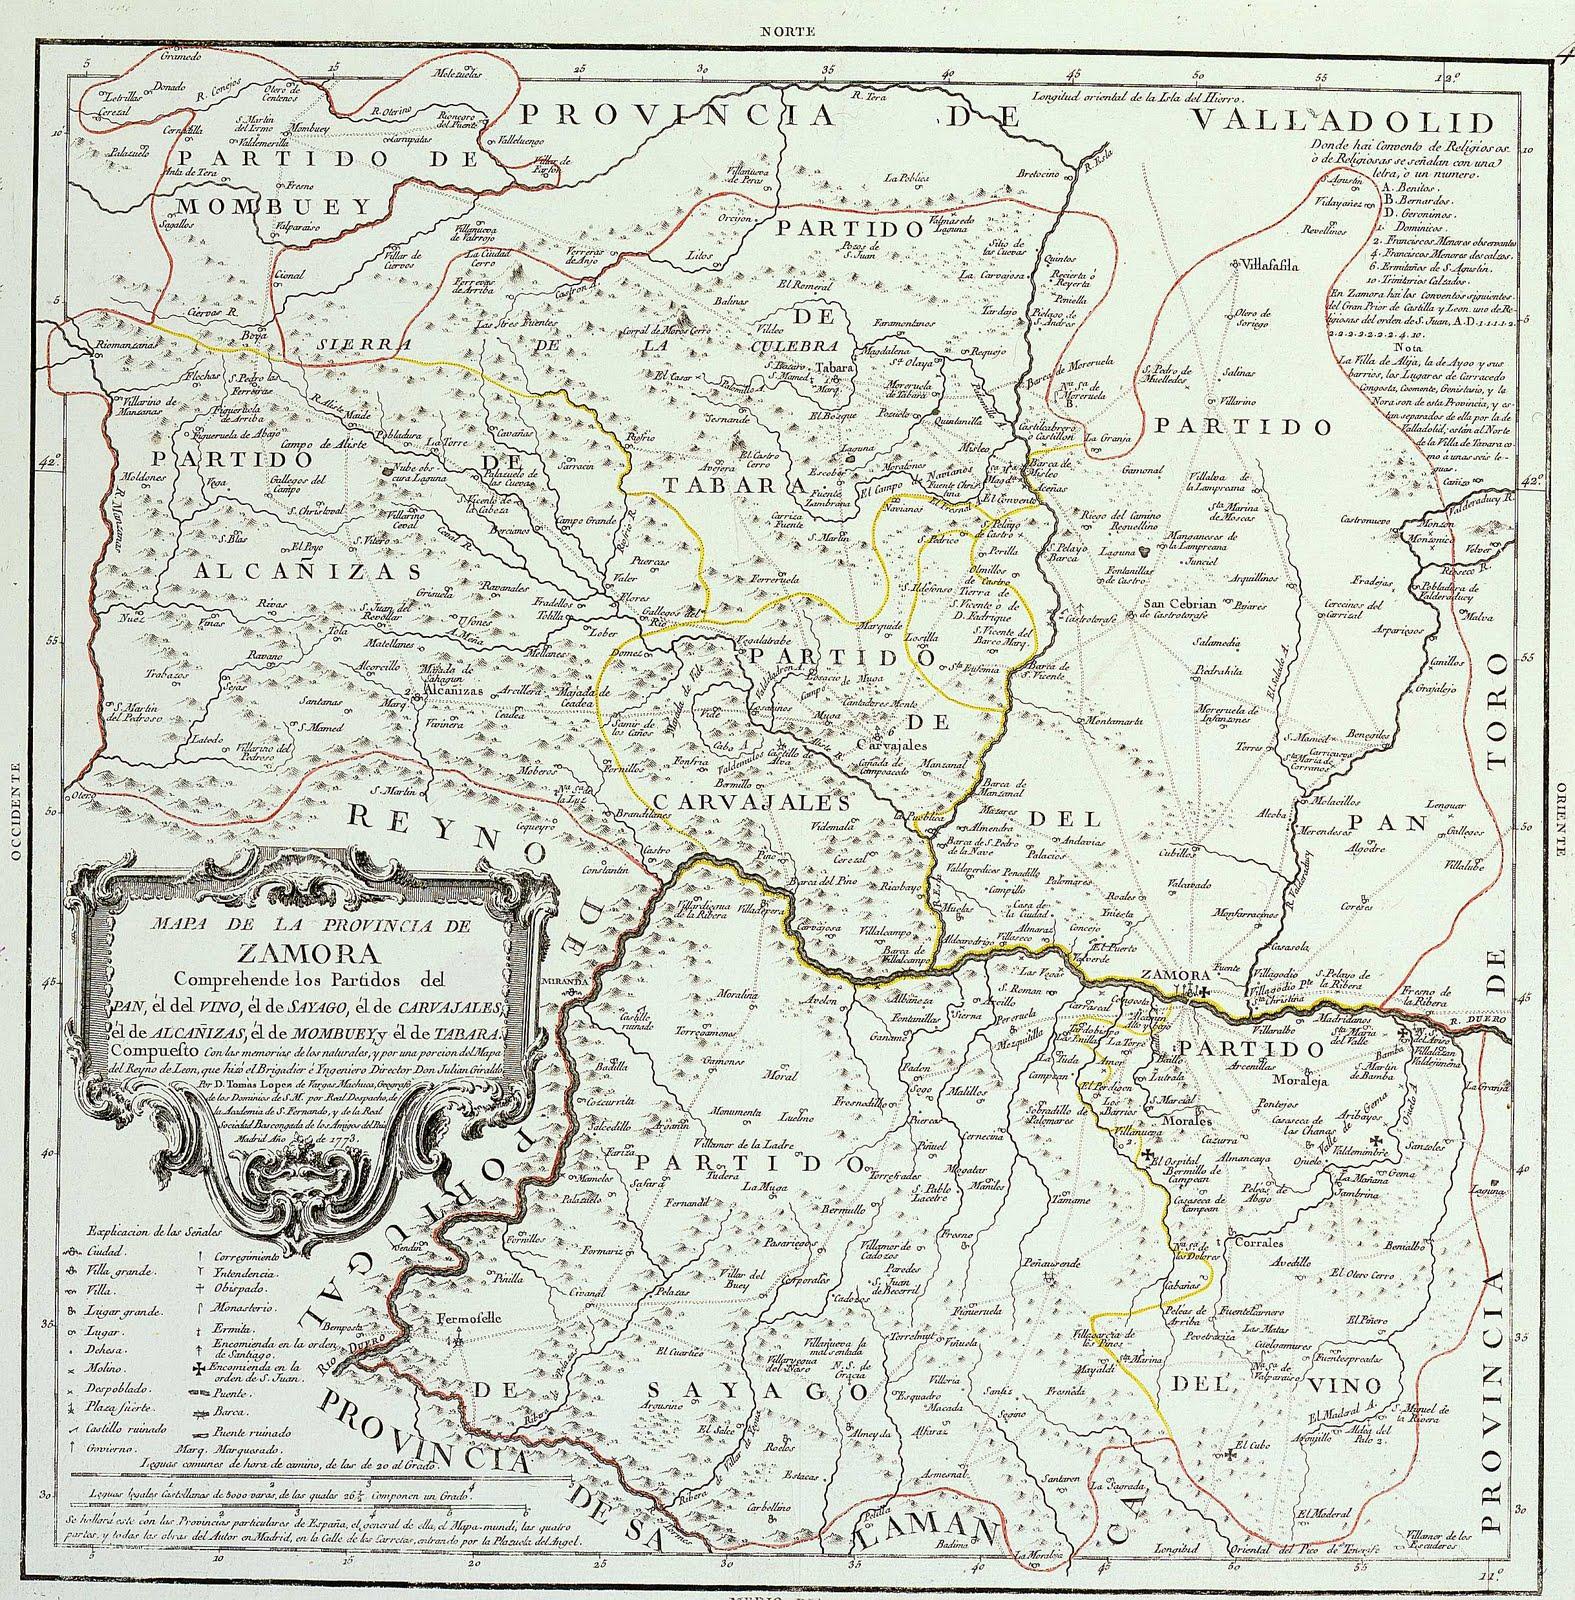 Mapa de la Provincia de Zamora 1773